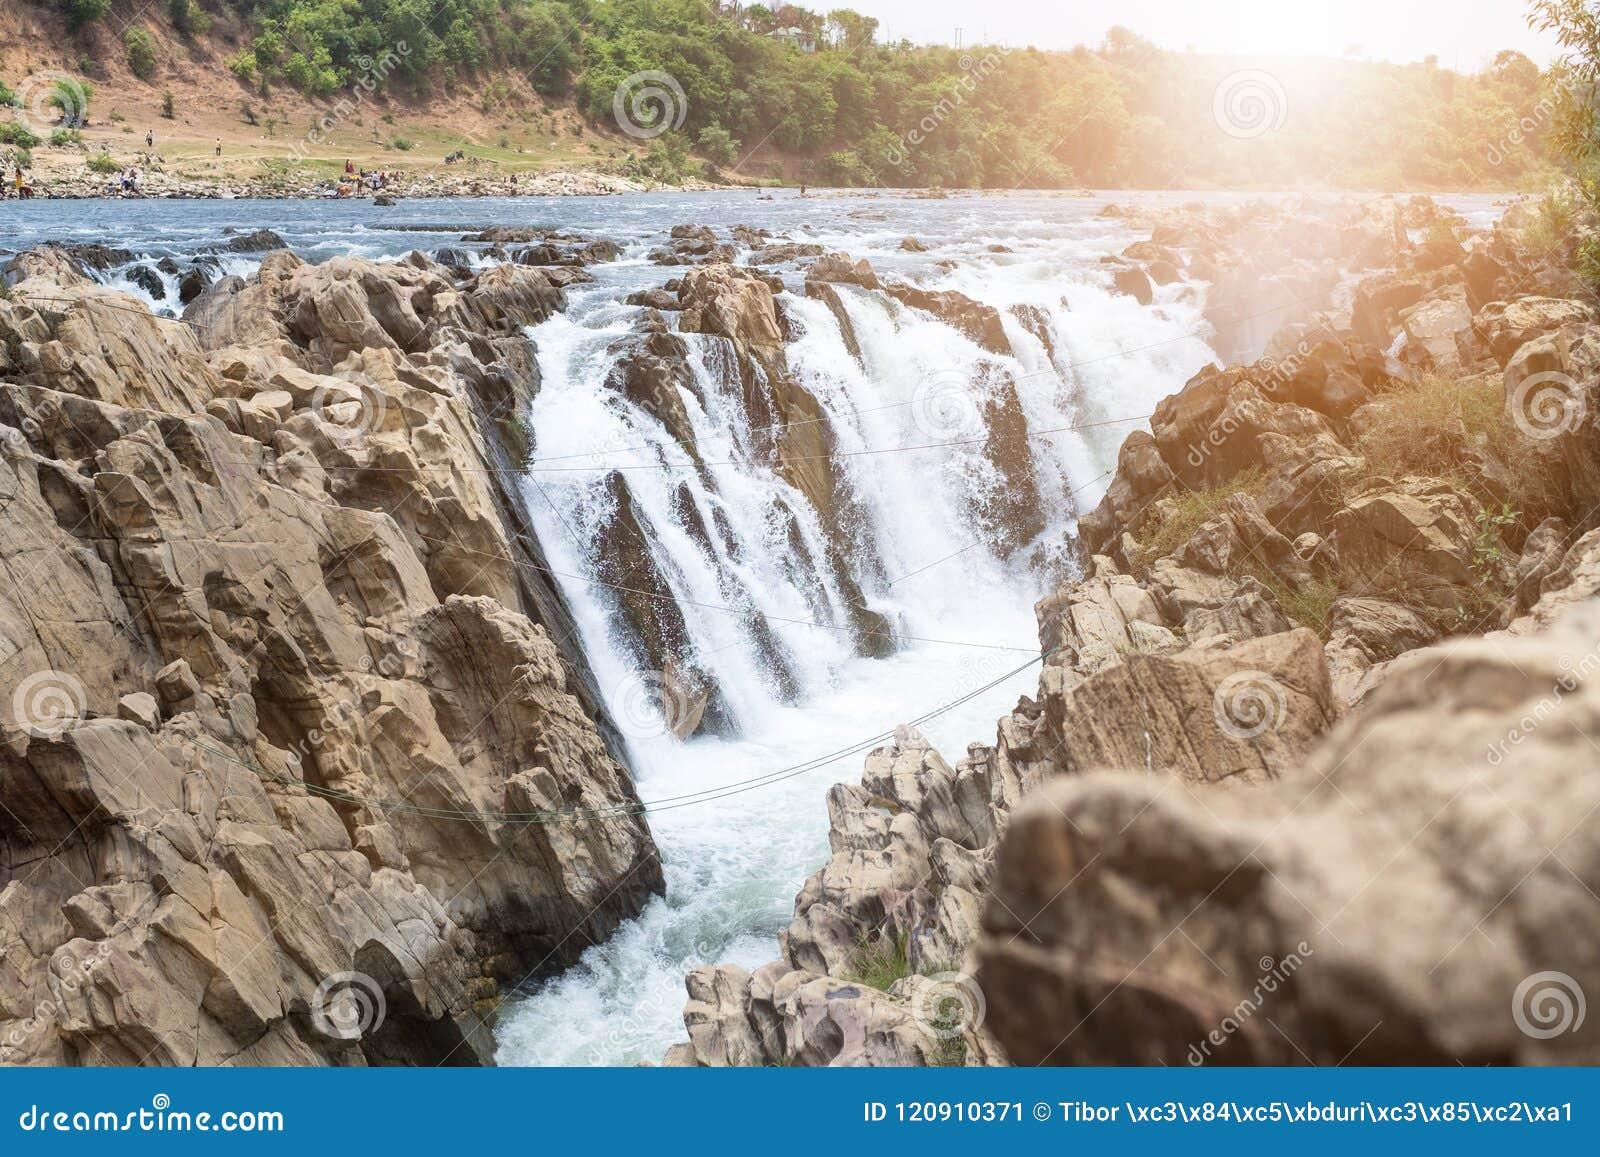 Vattenfall nära staden Jabalpur, Indien Härligt landskap på en flod med vattenfall